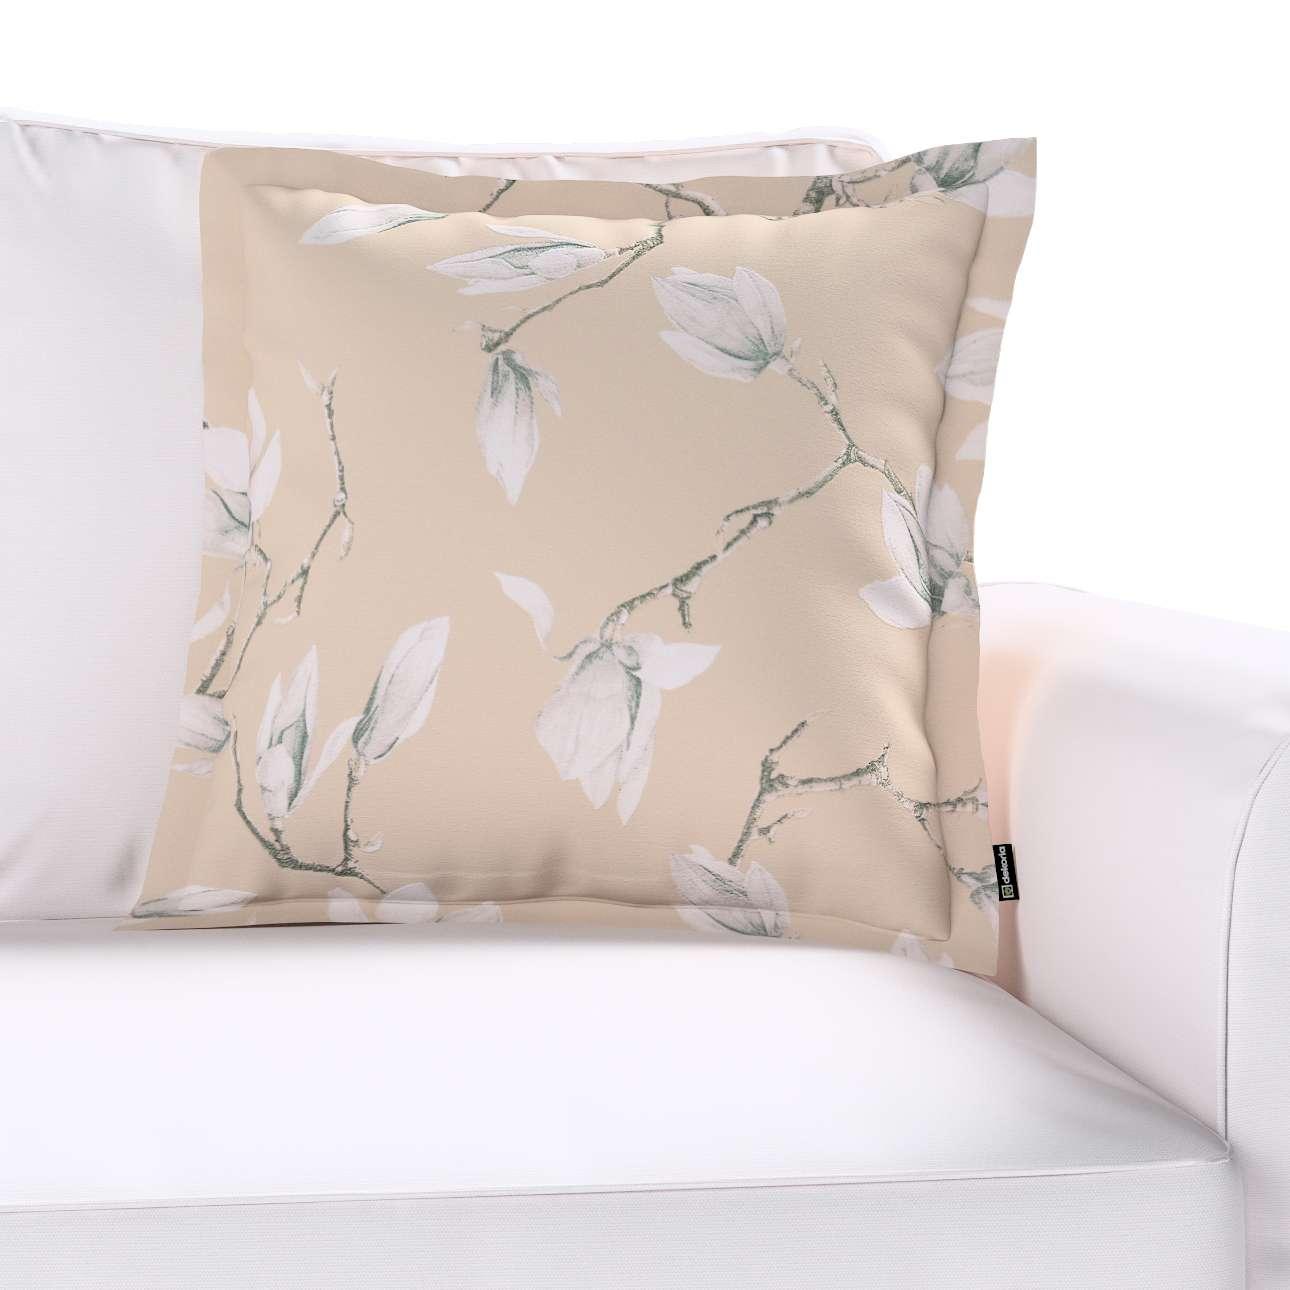 Poszewka Mona na poduszkę 45x45 cm w kolekcji Flowers, tkanina: 311-12